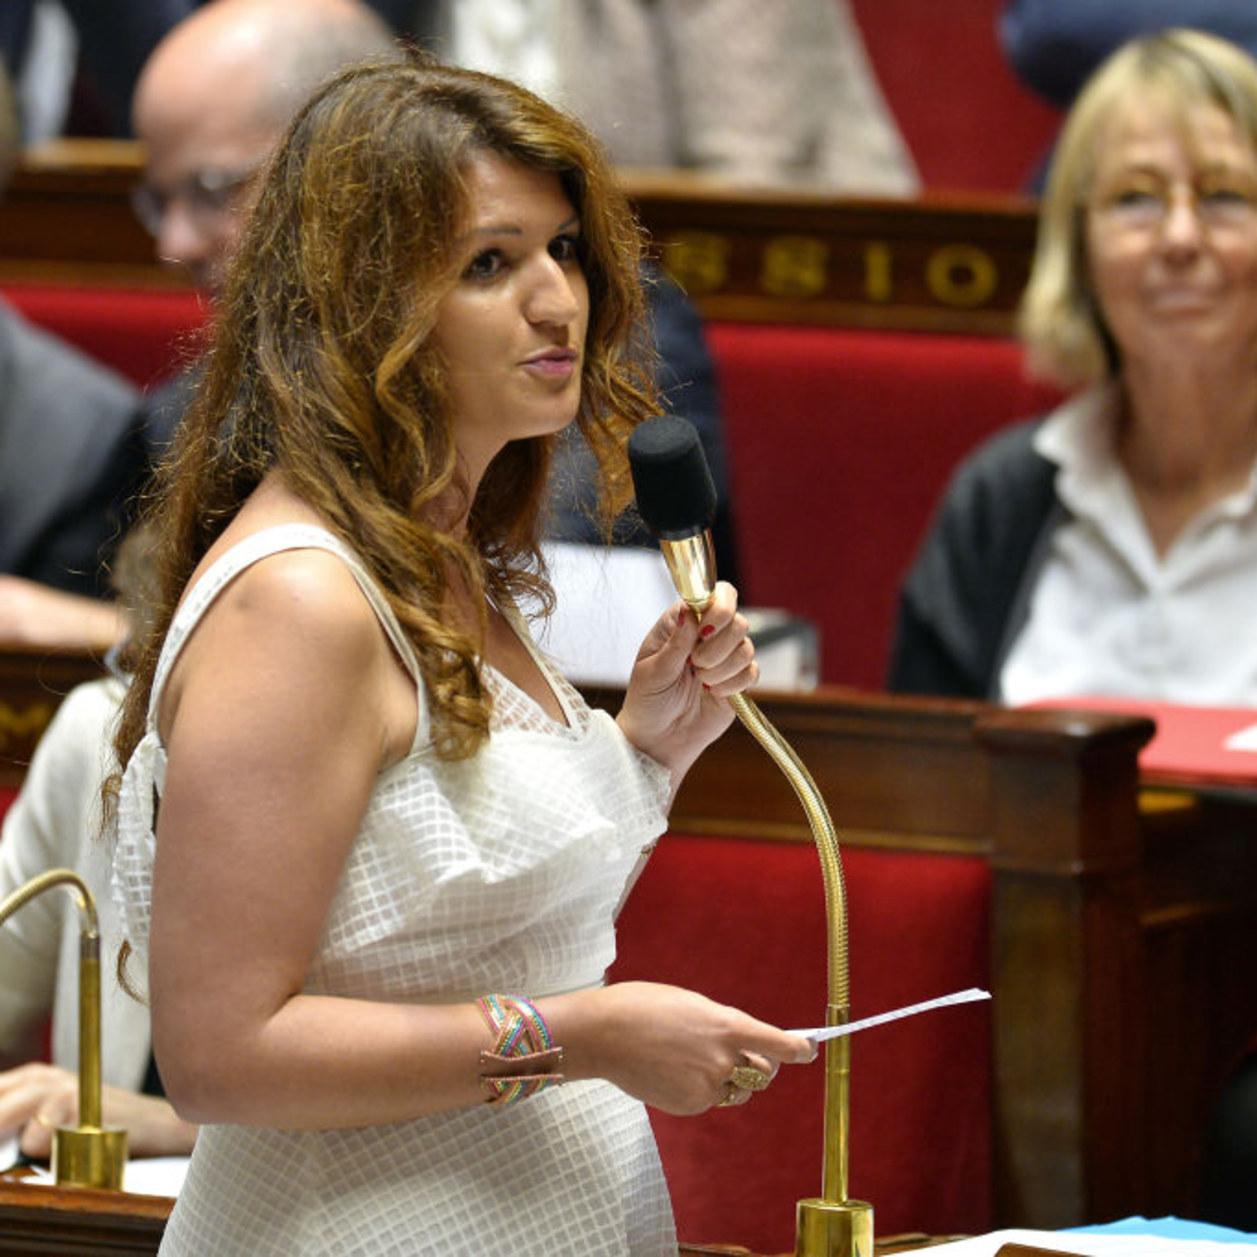 Excédée par le manque de parité, Marlène Schiappa s'en prend à LREM